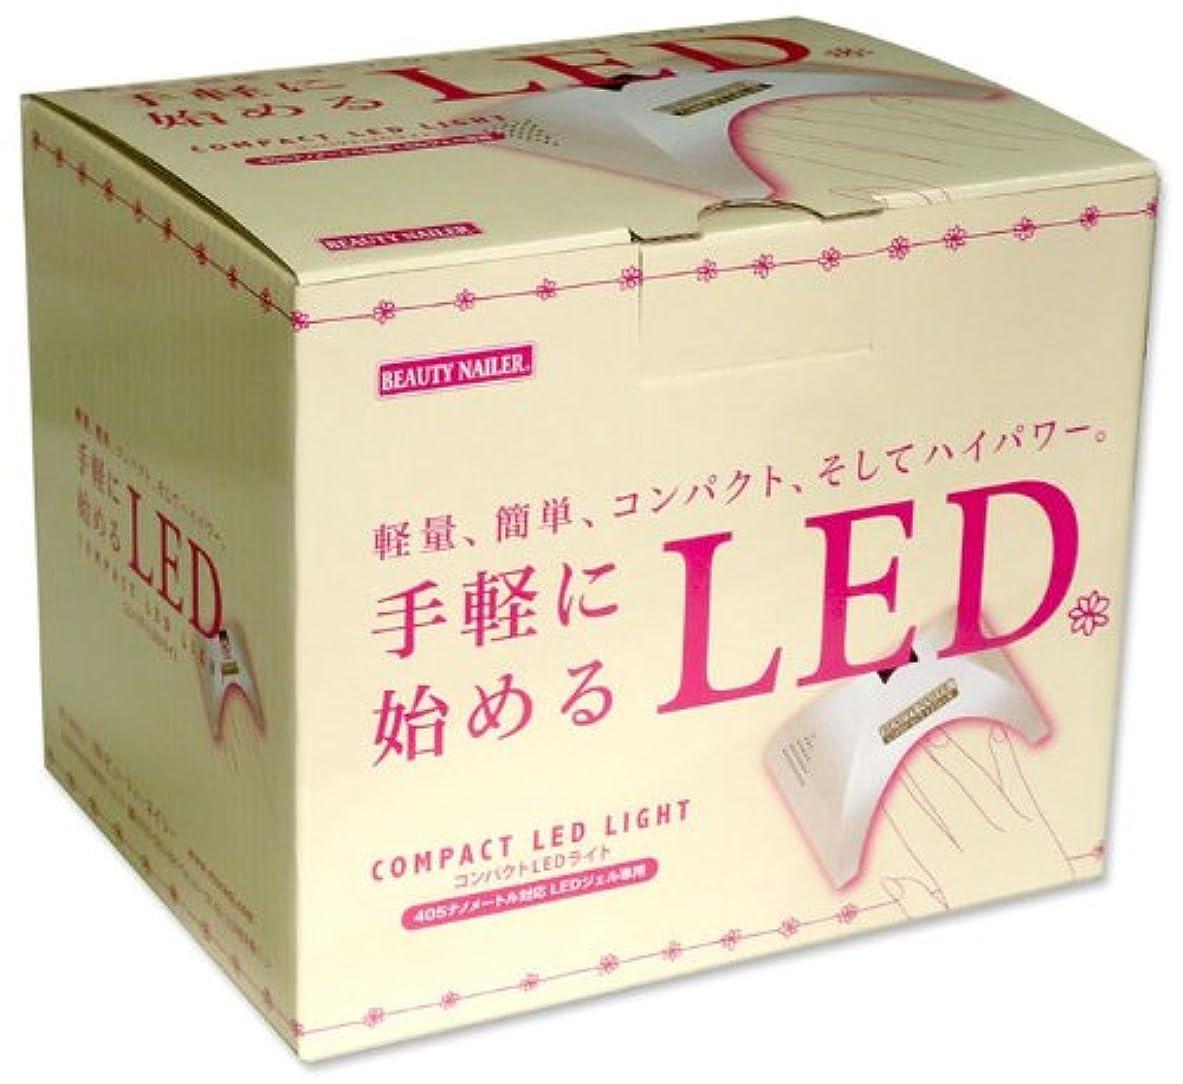 冷ややかなソフィー司書ビューティーネイラー コンパクトLEDライト ホワイト